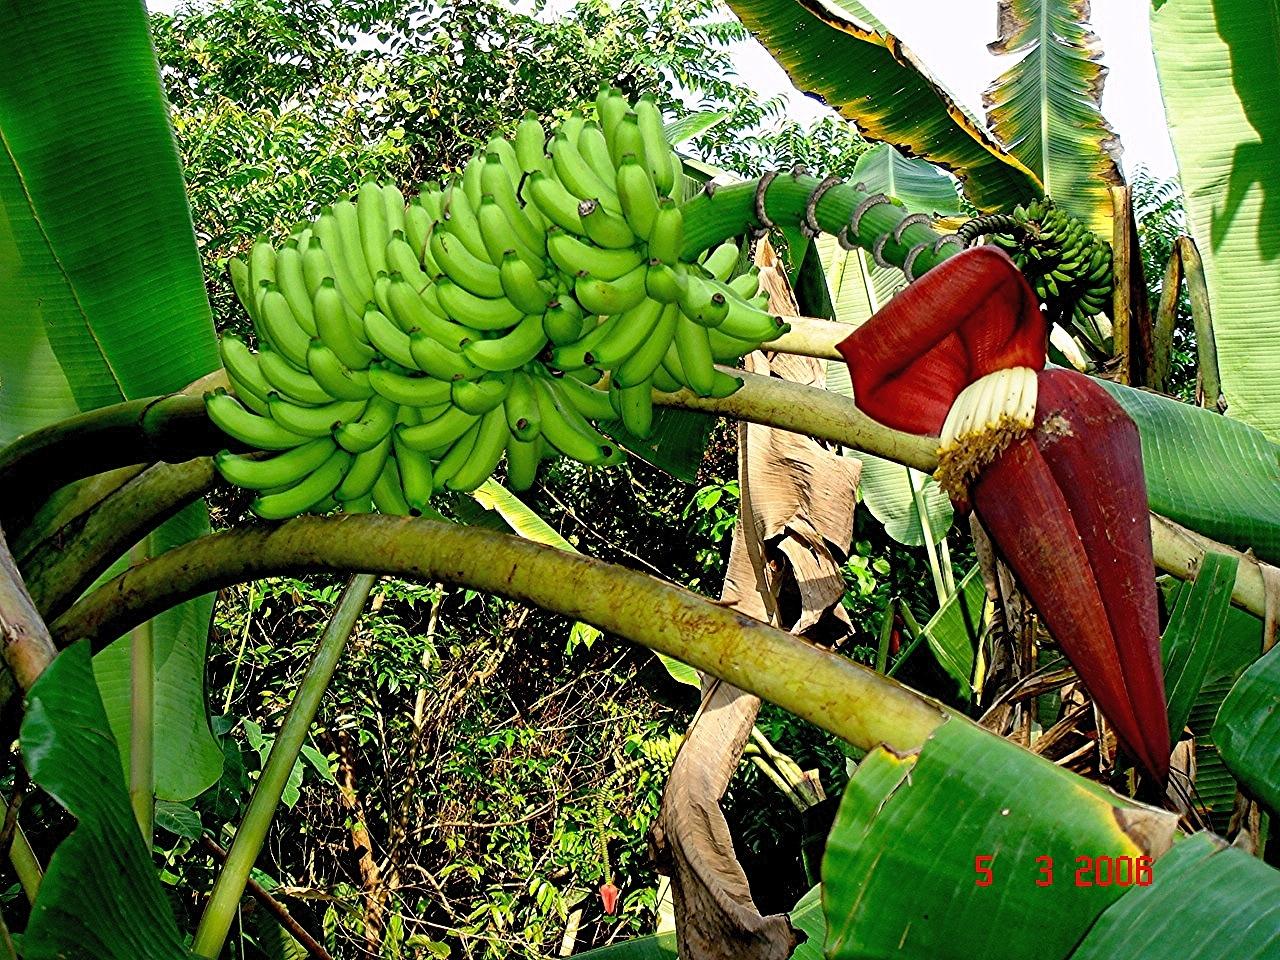 Image of edible banana